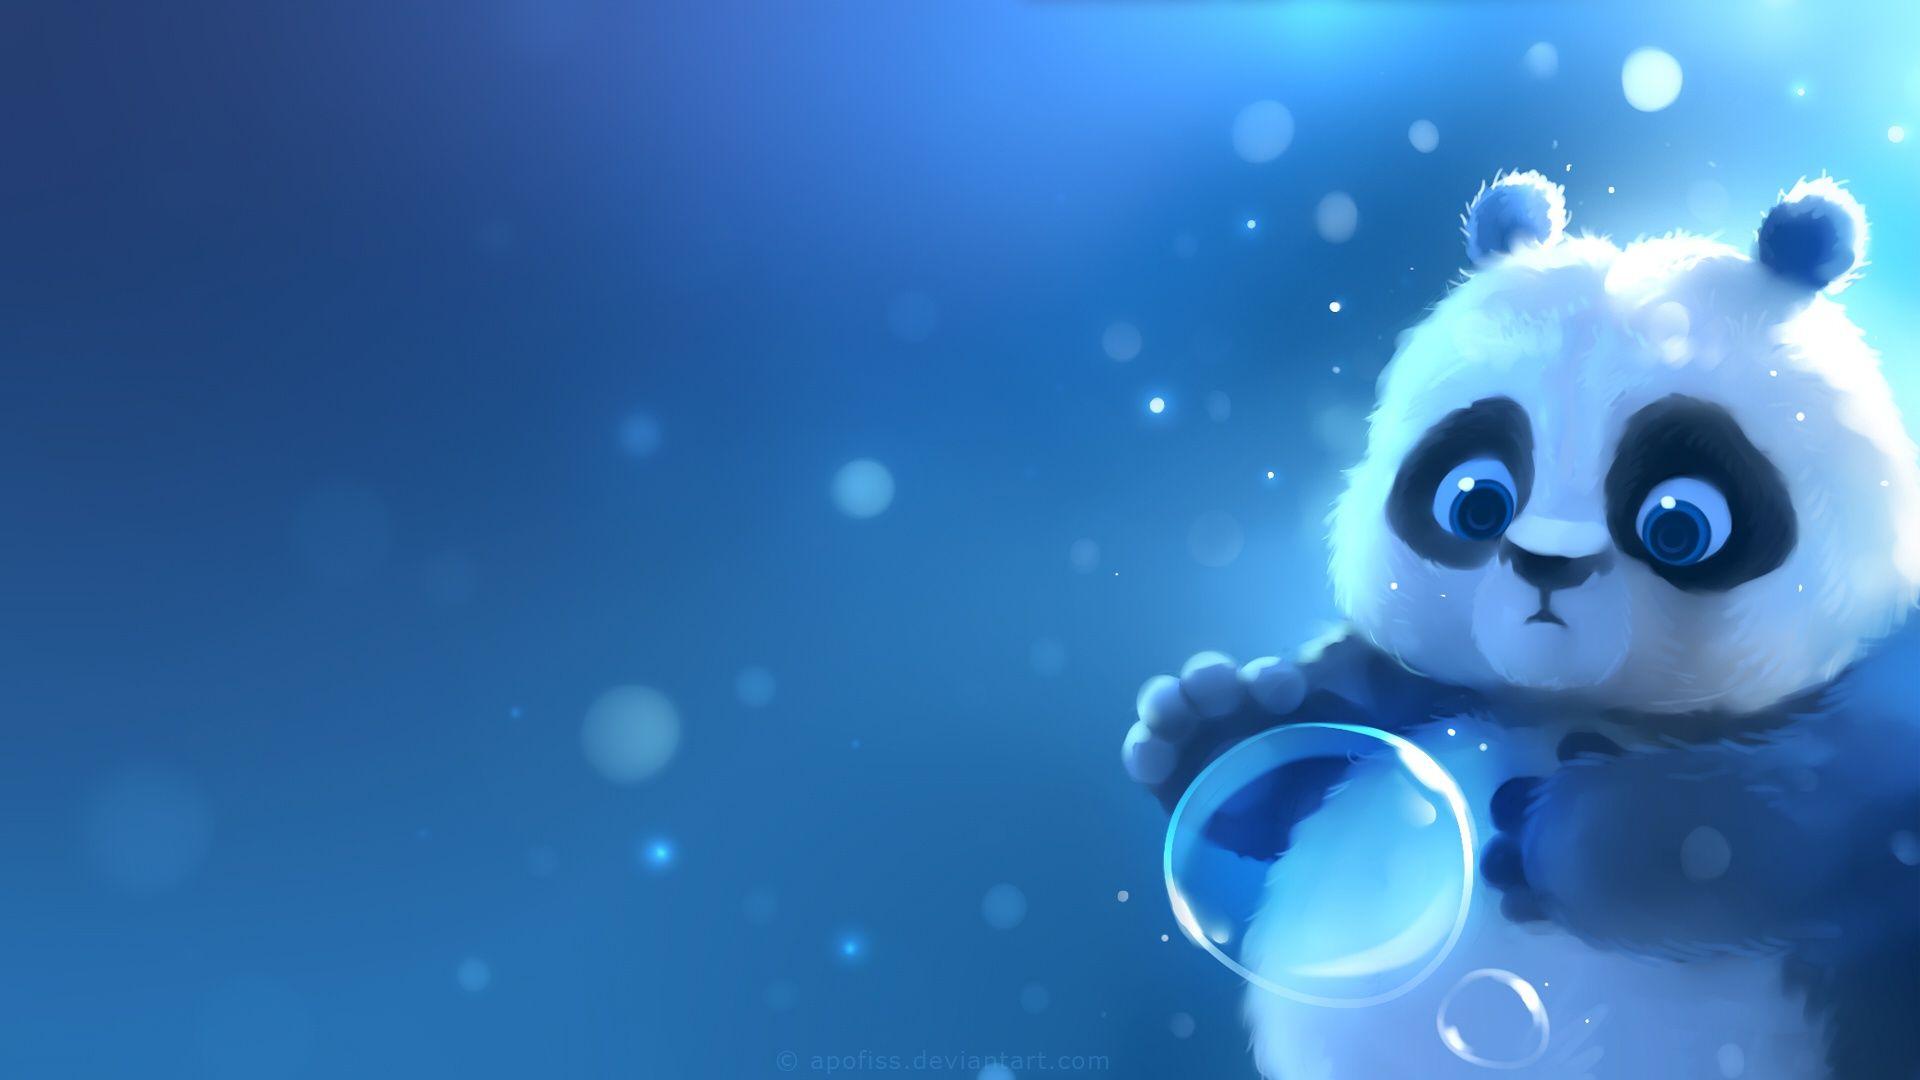 обои на рабочий стол панда мультяшные сделать лицо выразительным